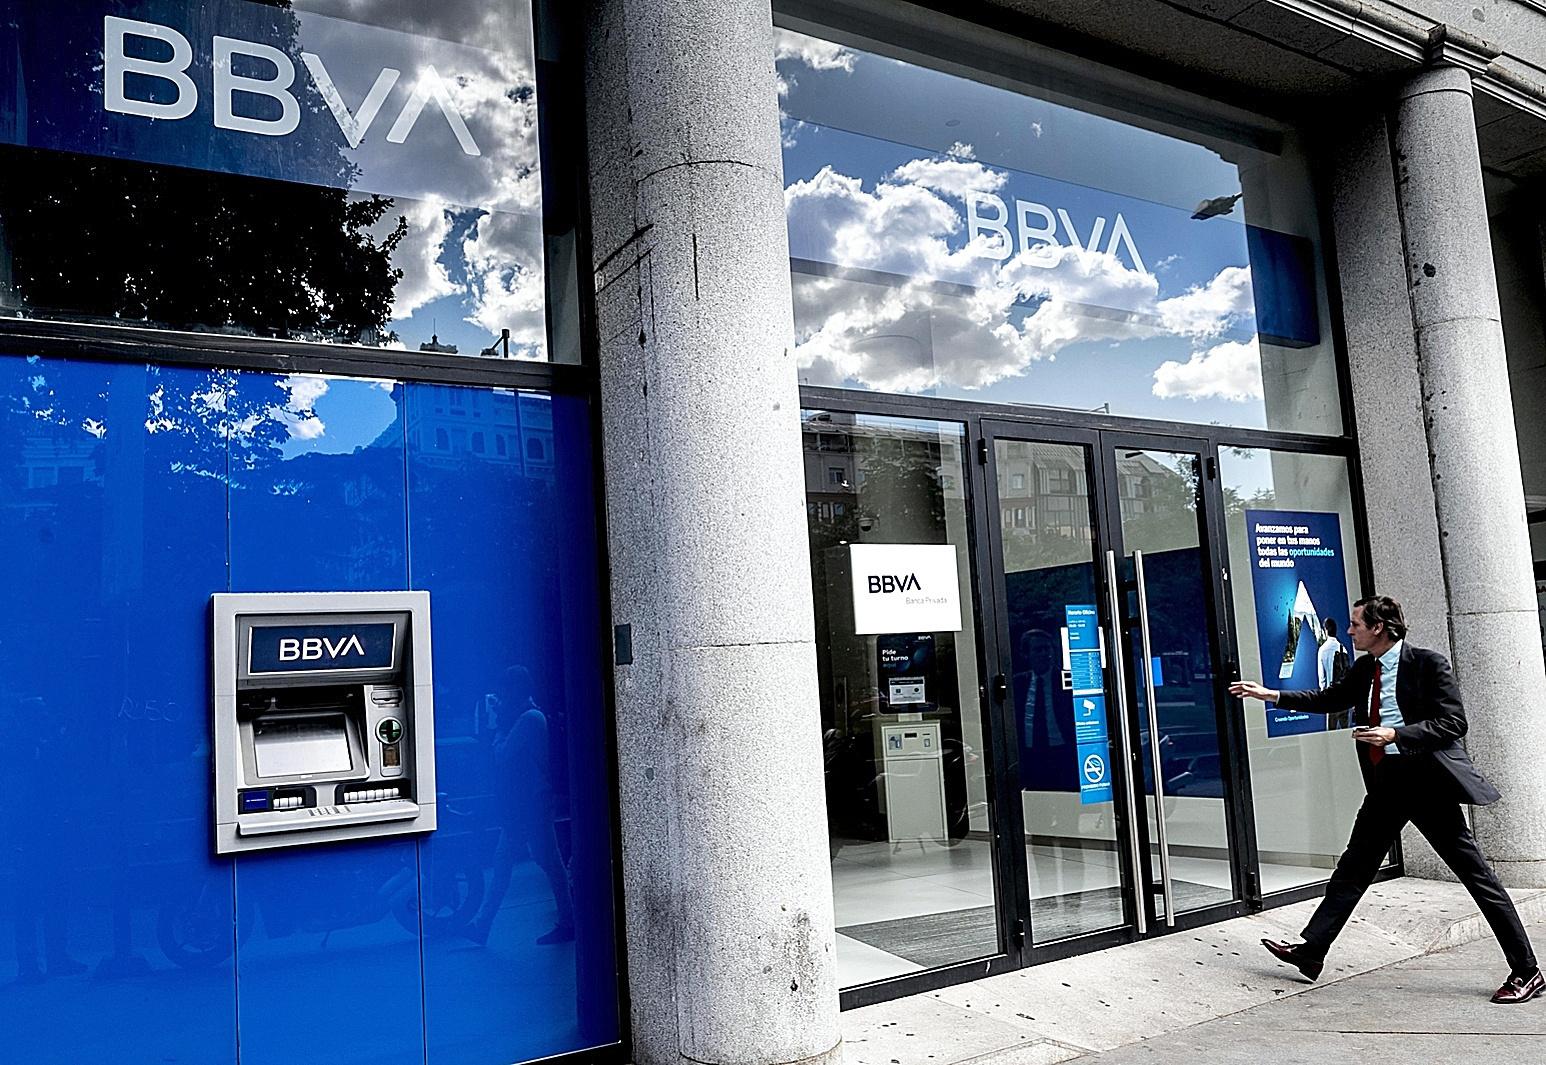 Sucursal de BBVA en Madrid.